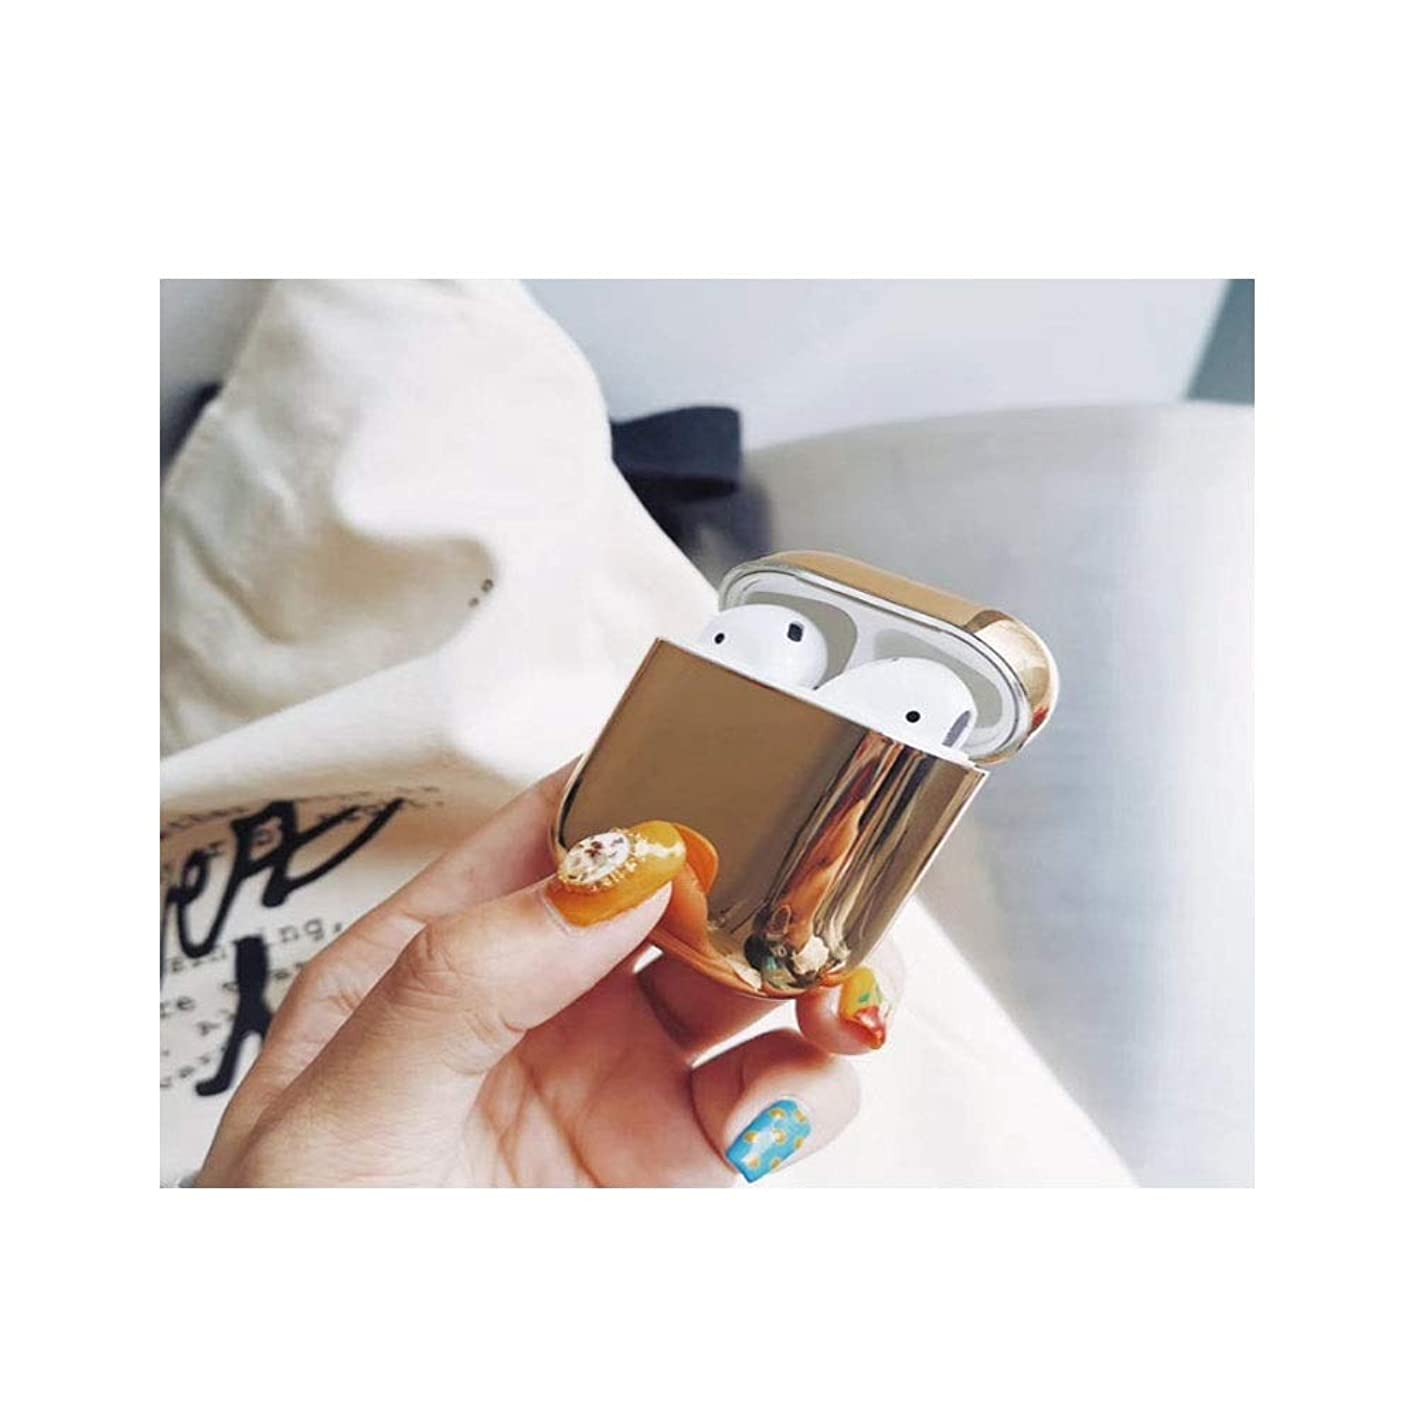 泥棒勇気重要性Jielongtongxun ヘッドホンセット - 美しくて絶妙なデザインスタイル、落下防止と耐久性、安全で環境に優しい材料、絶妙な贈り物(黒、金、赤、銀) 絶妙な (Color : Gold)